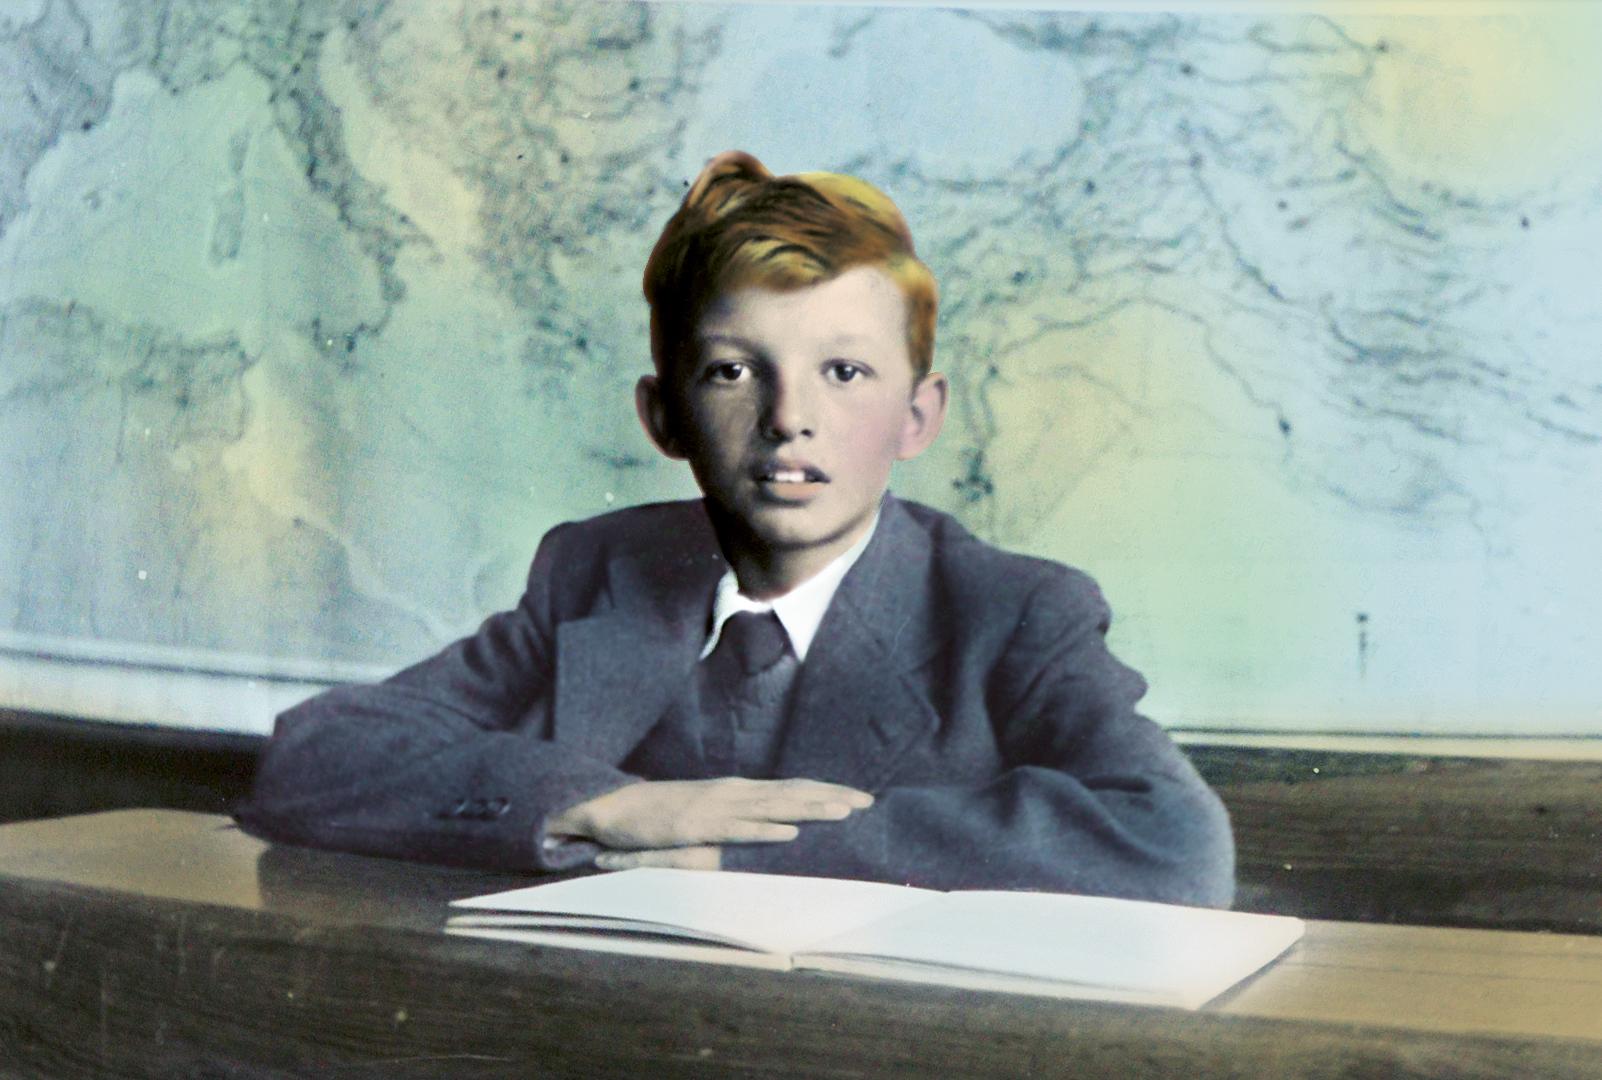 Ingekleurde foto van Aart - Wij Herdenken en Vieren